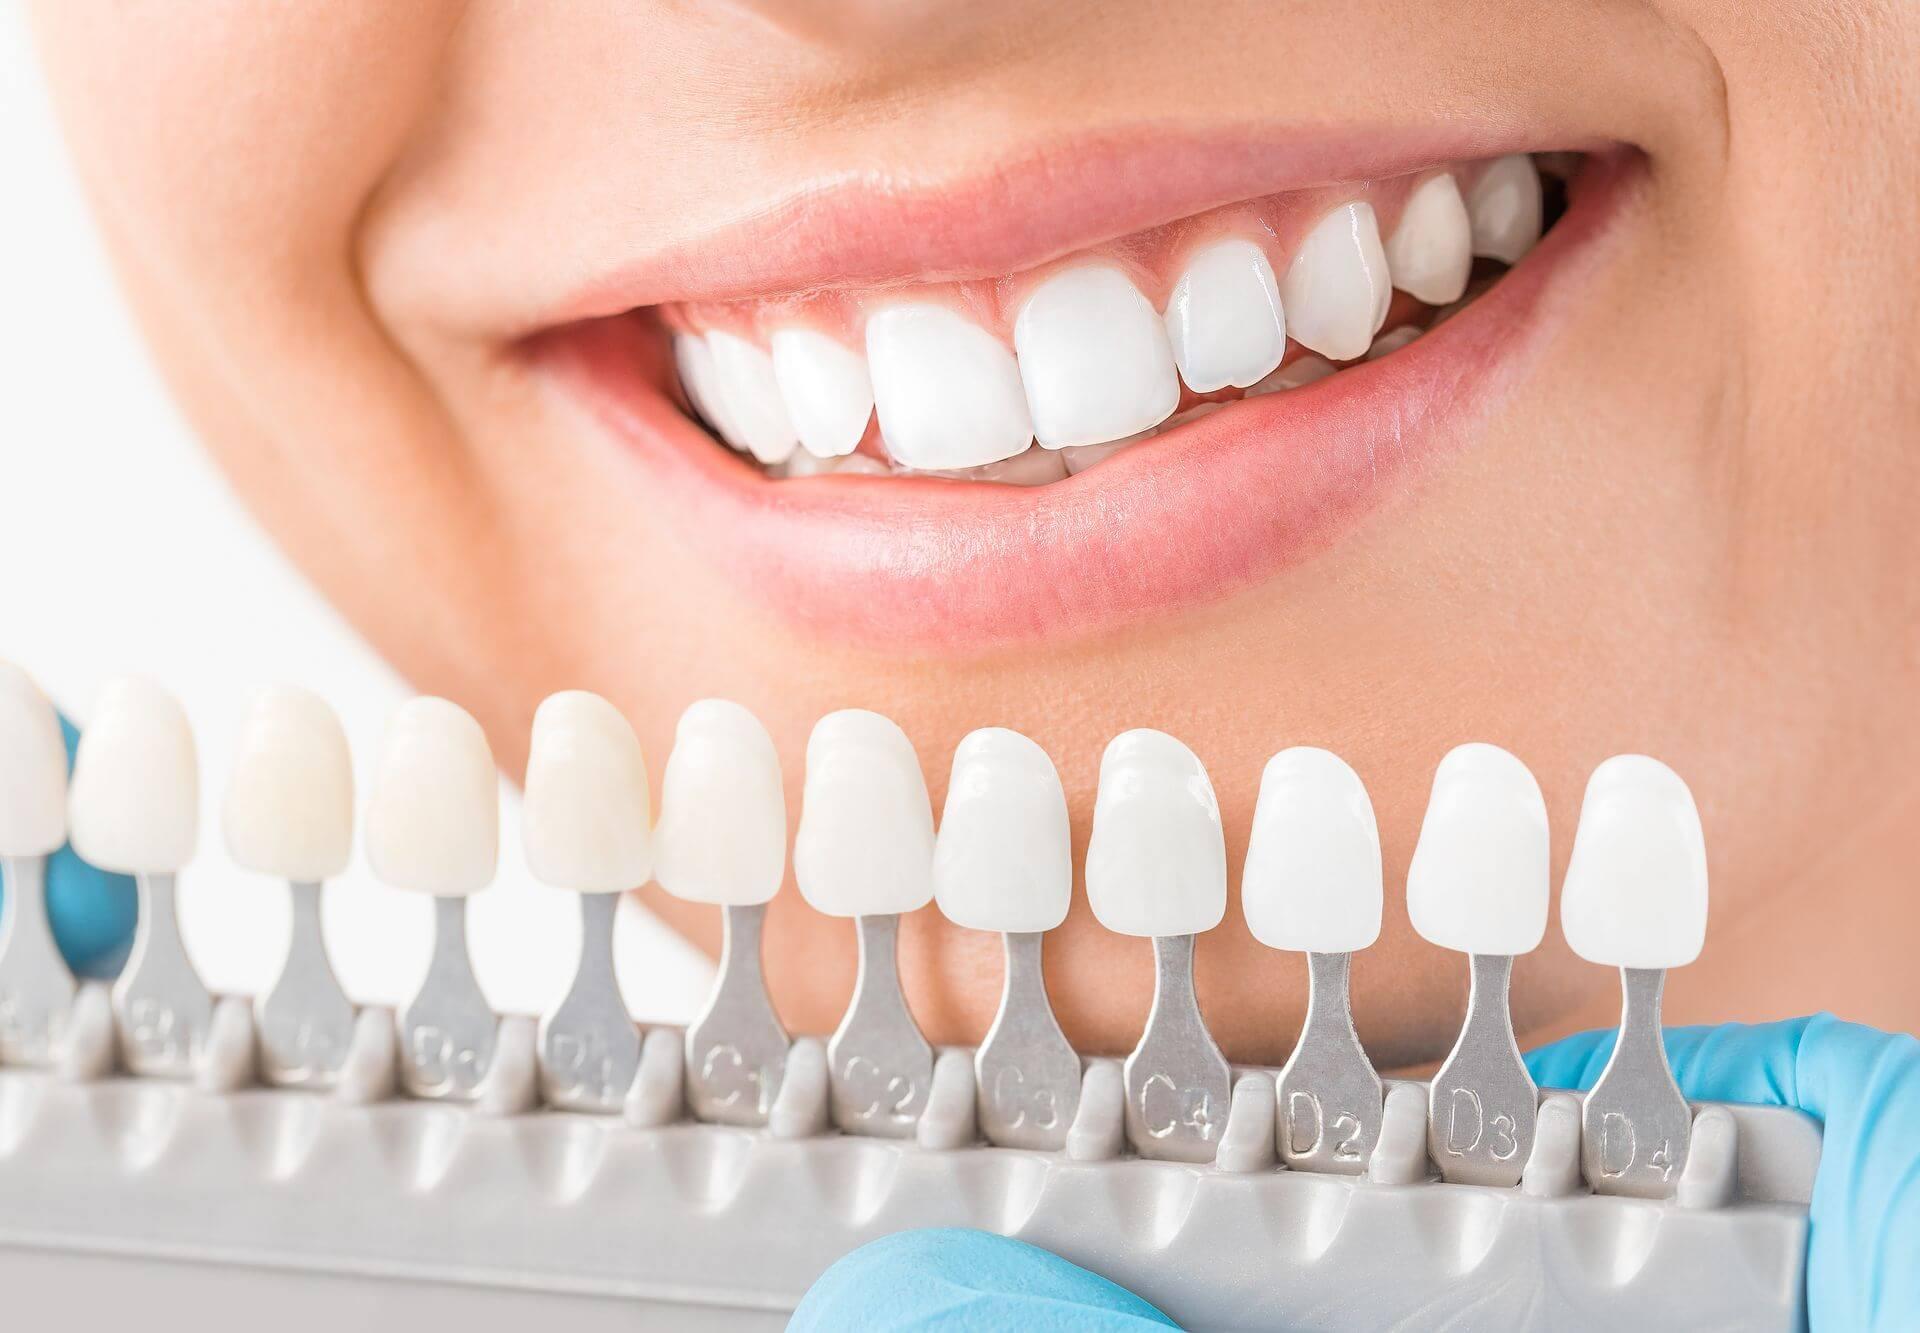 La protesi cosmetica dentale